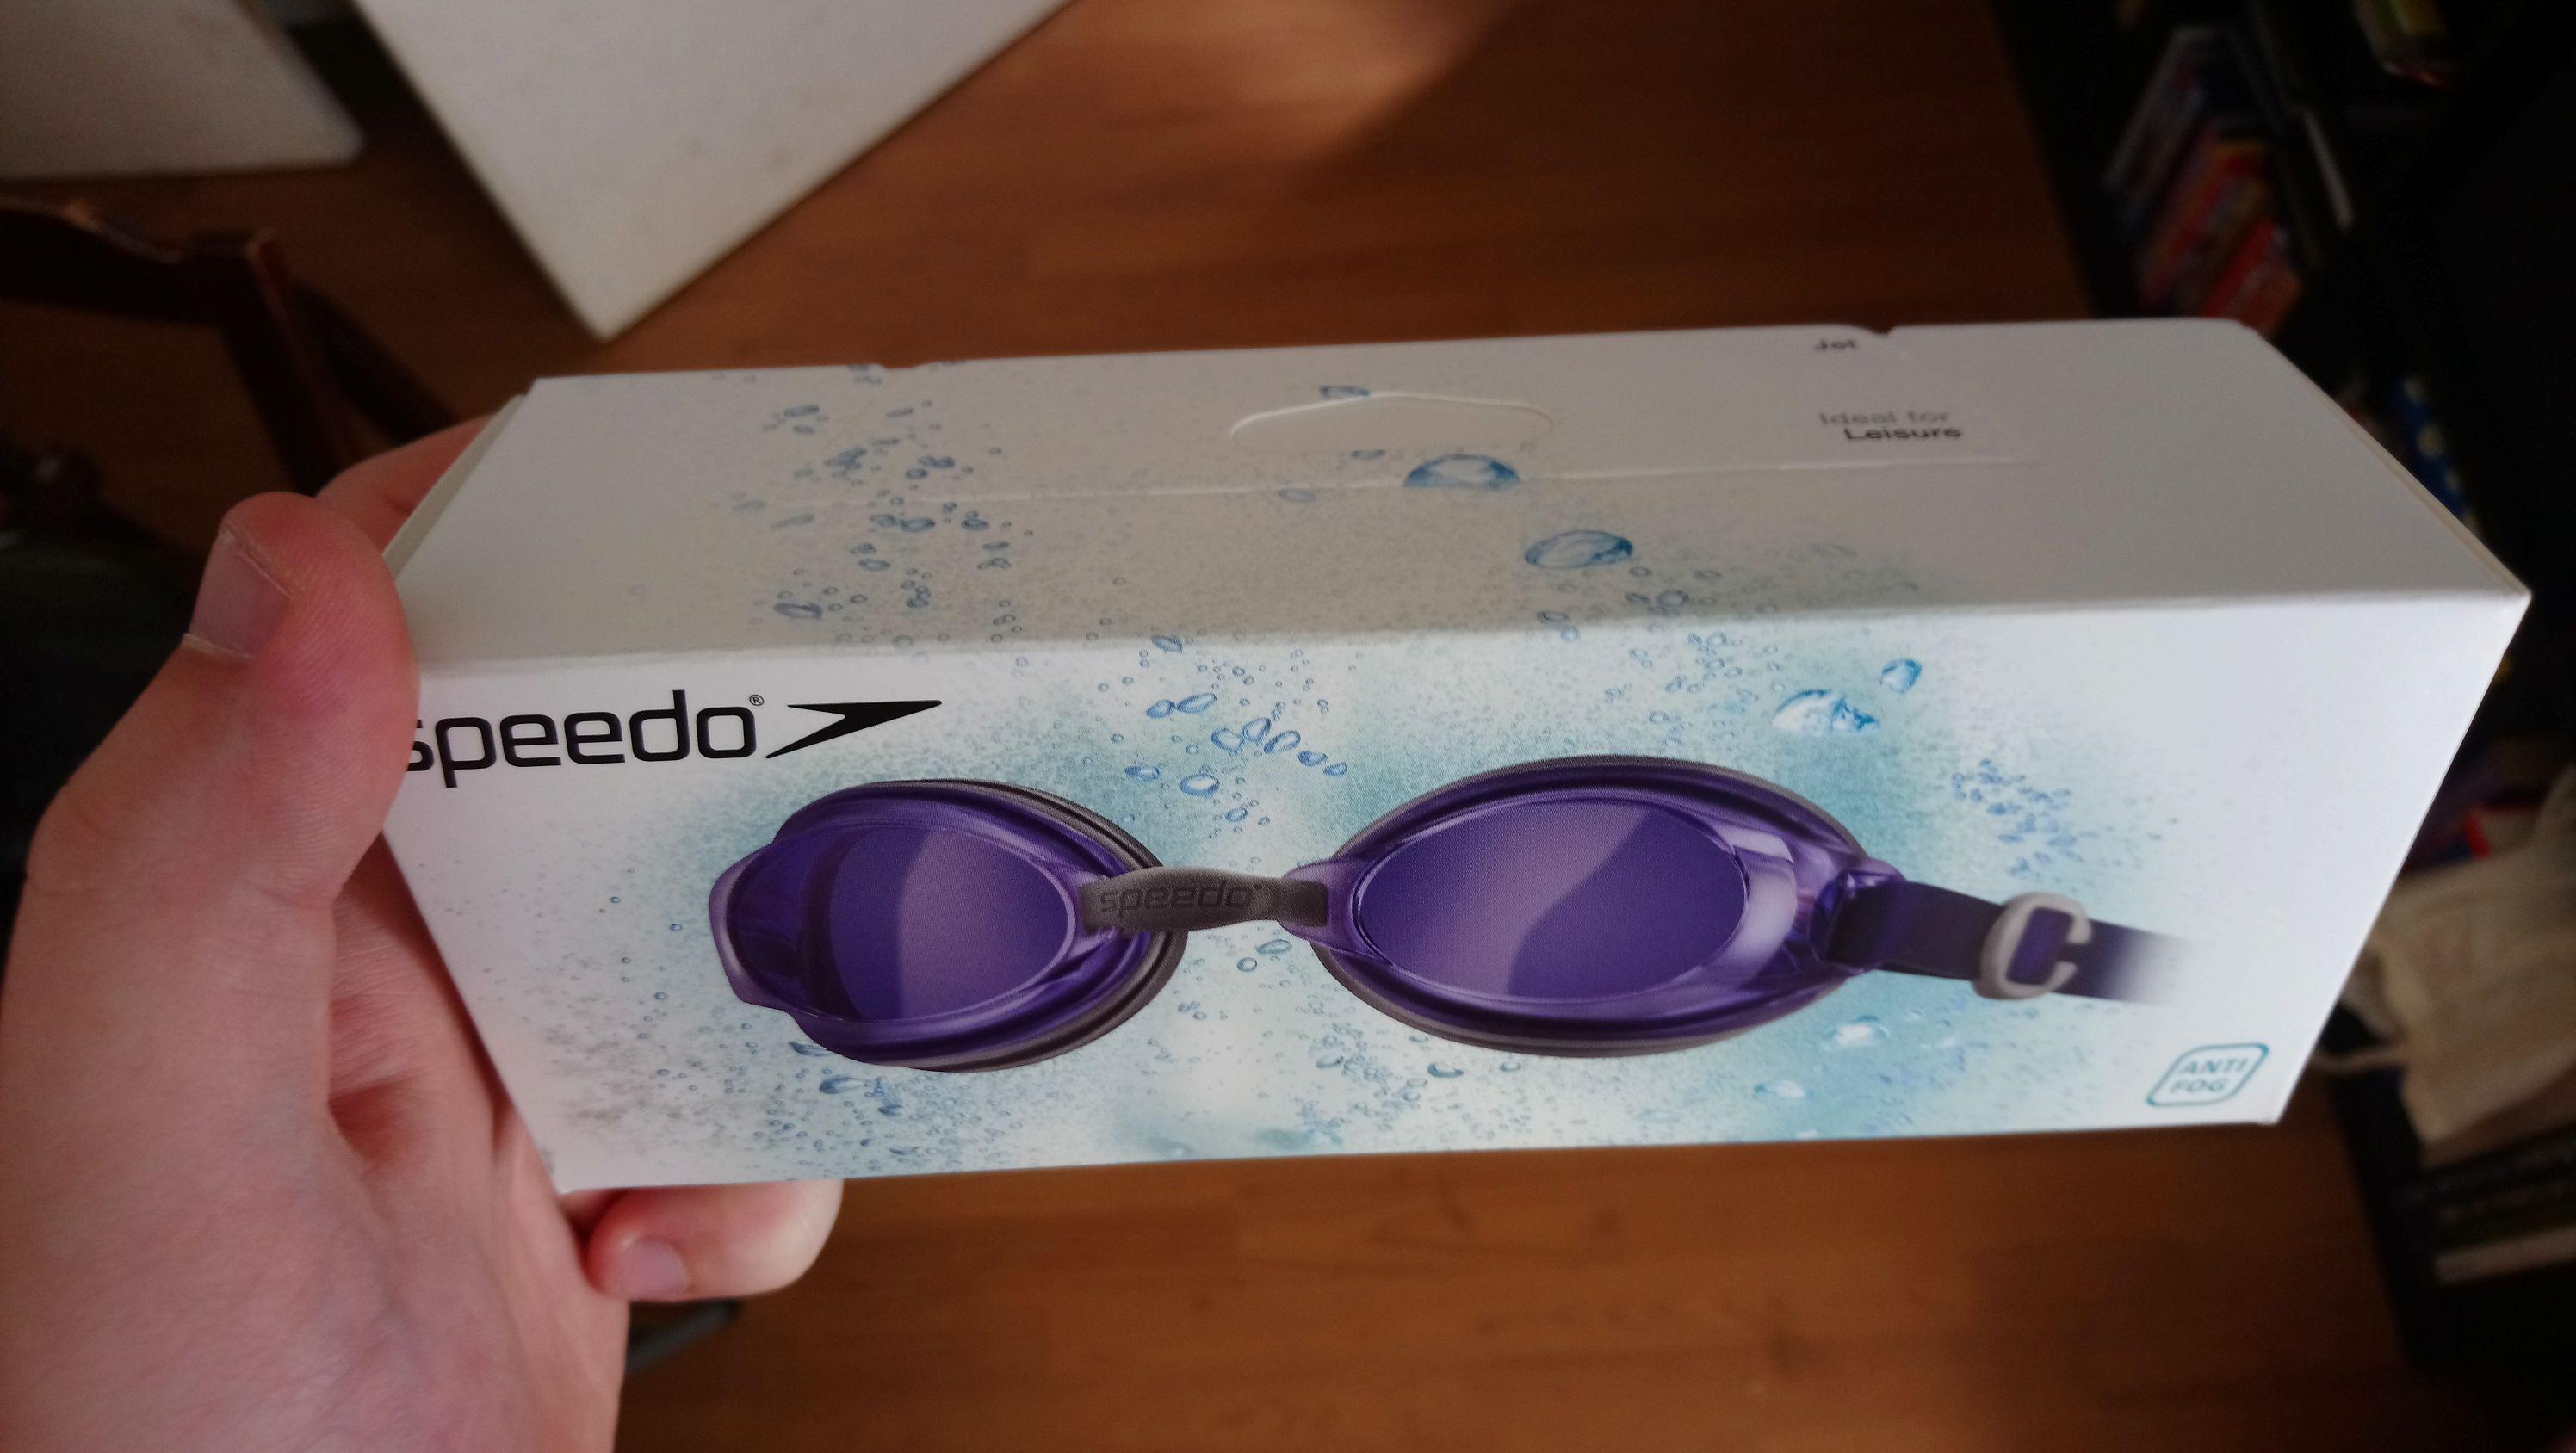 Speedo jet goggles £2.49 @Tesco